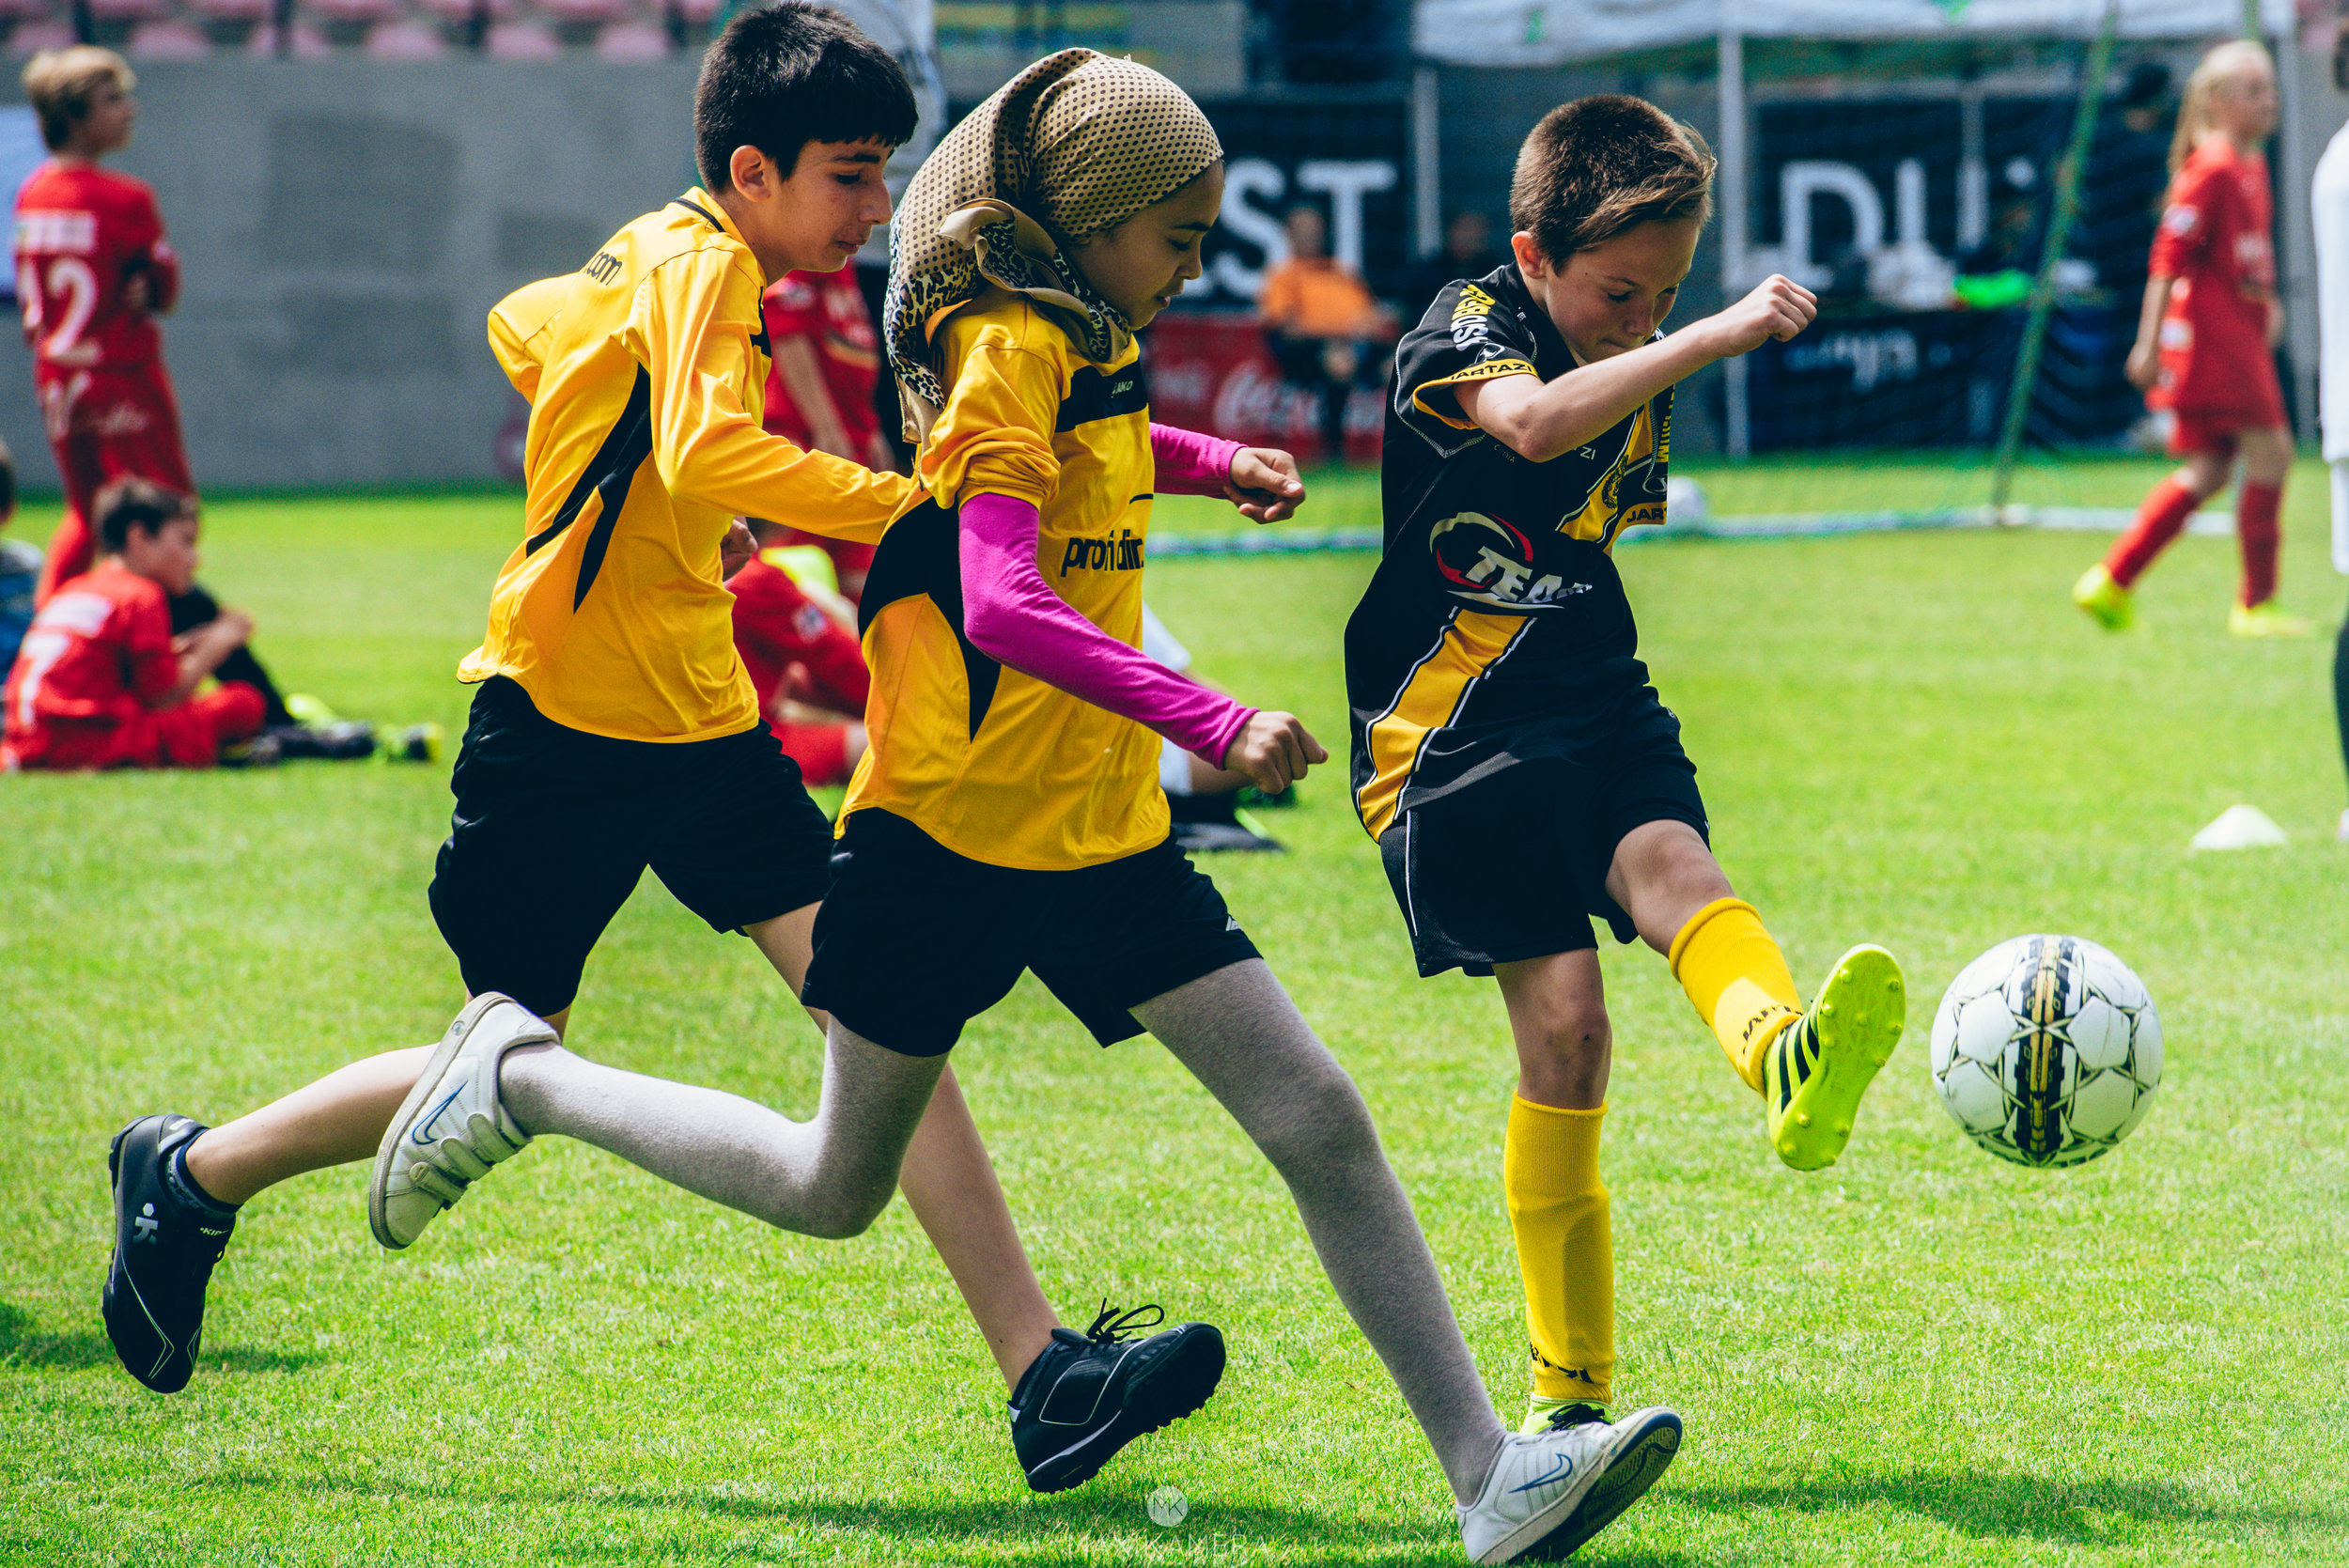 Schools Cup 2017